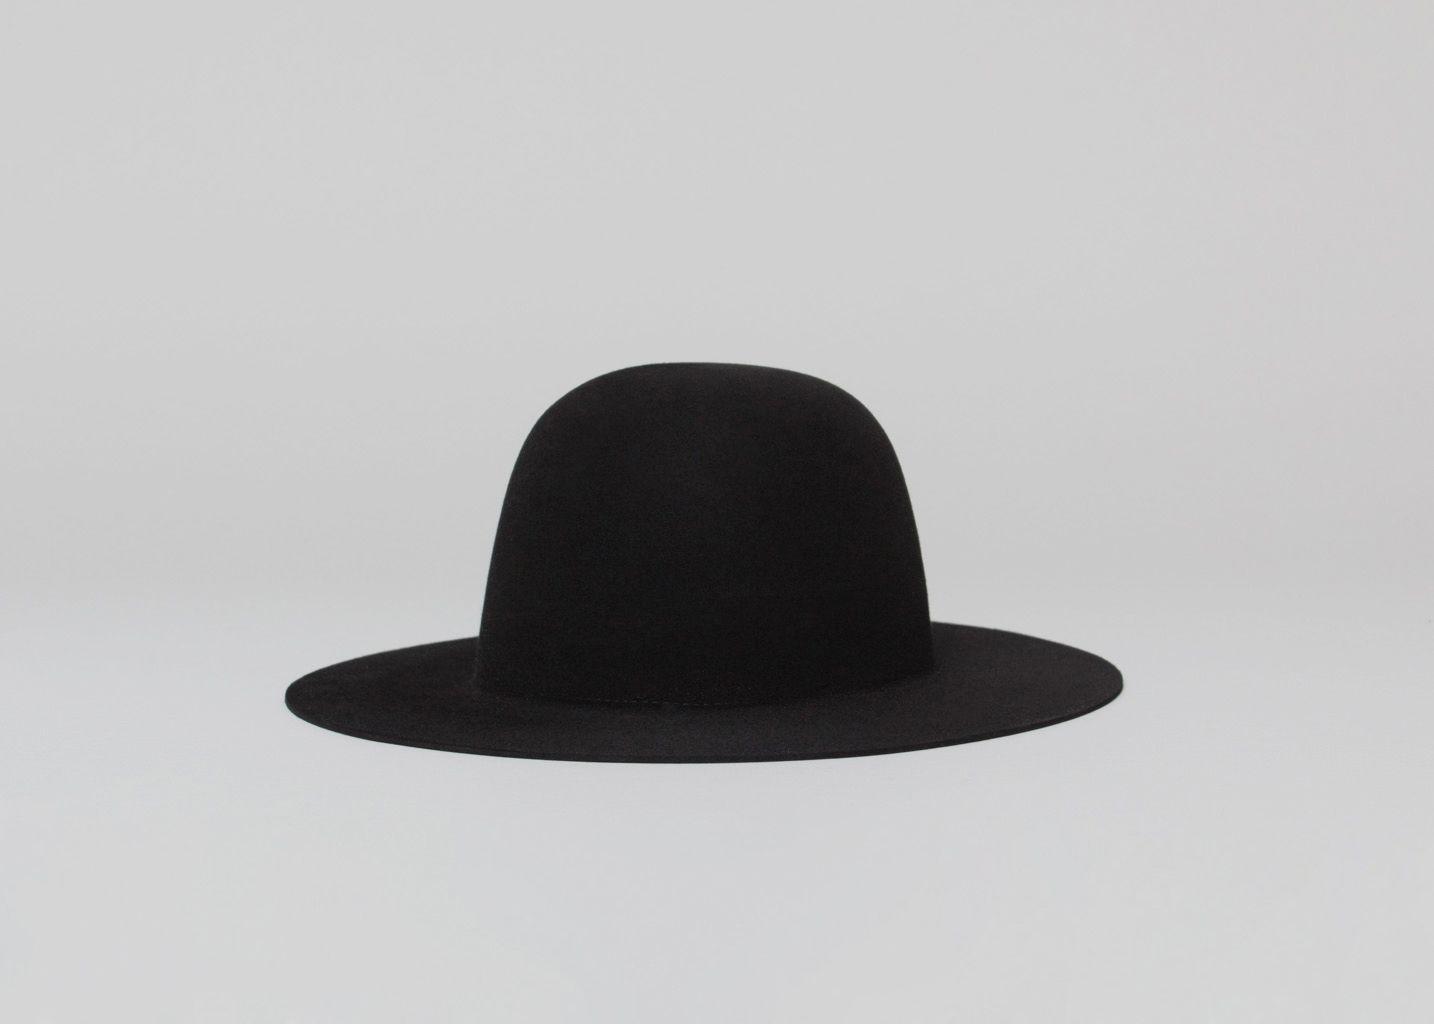 Sesam Hat - Etudes